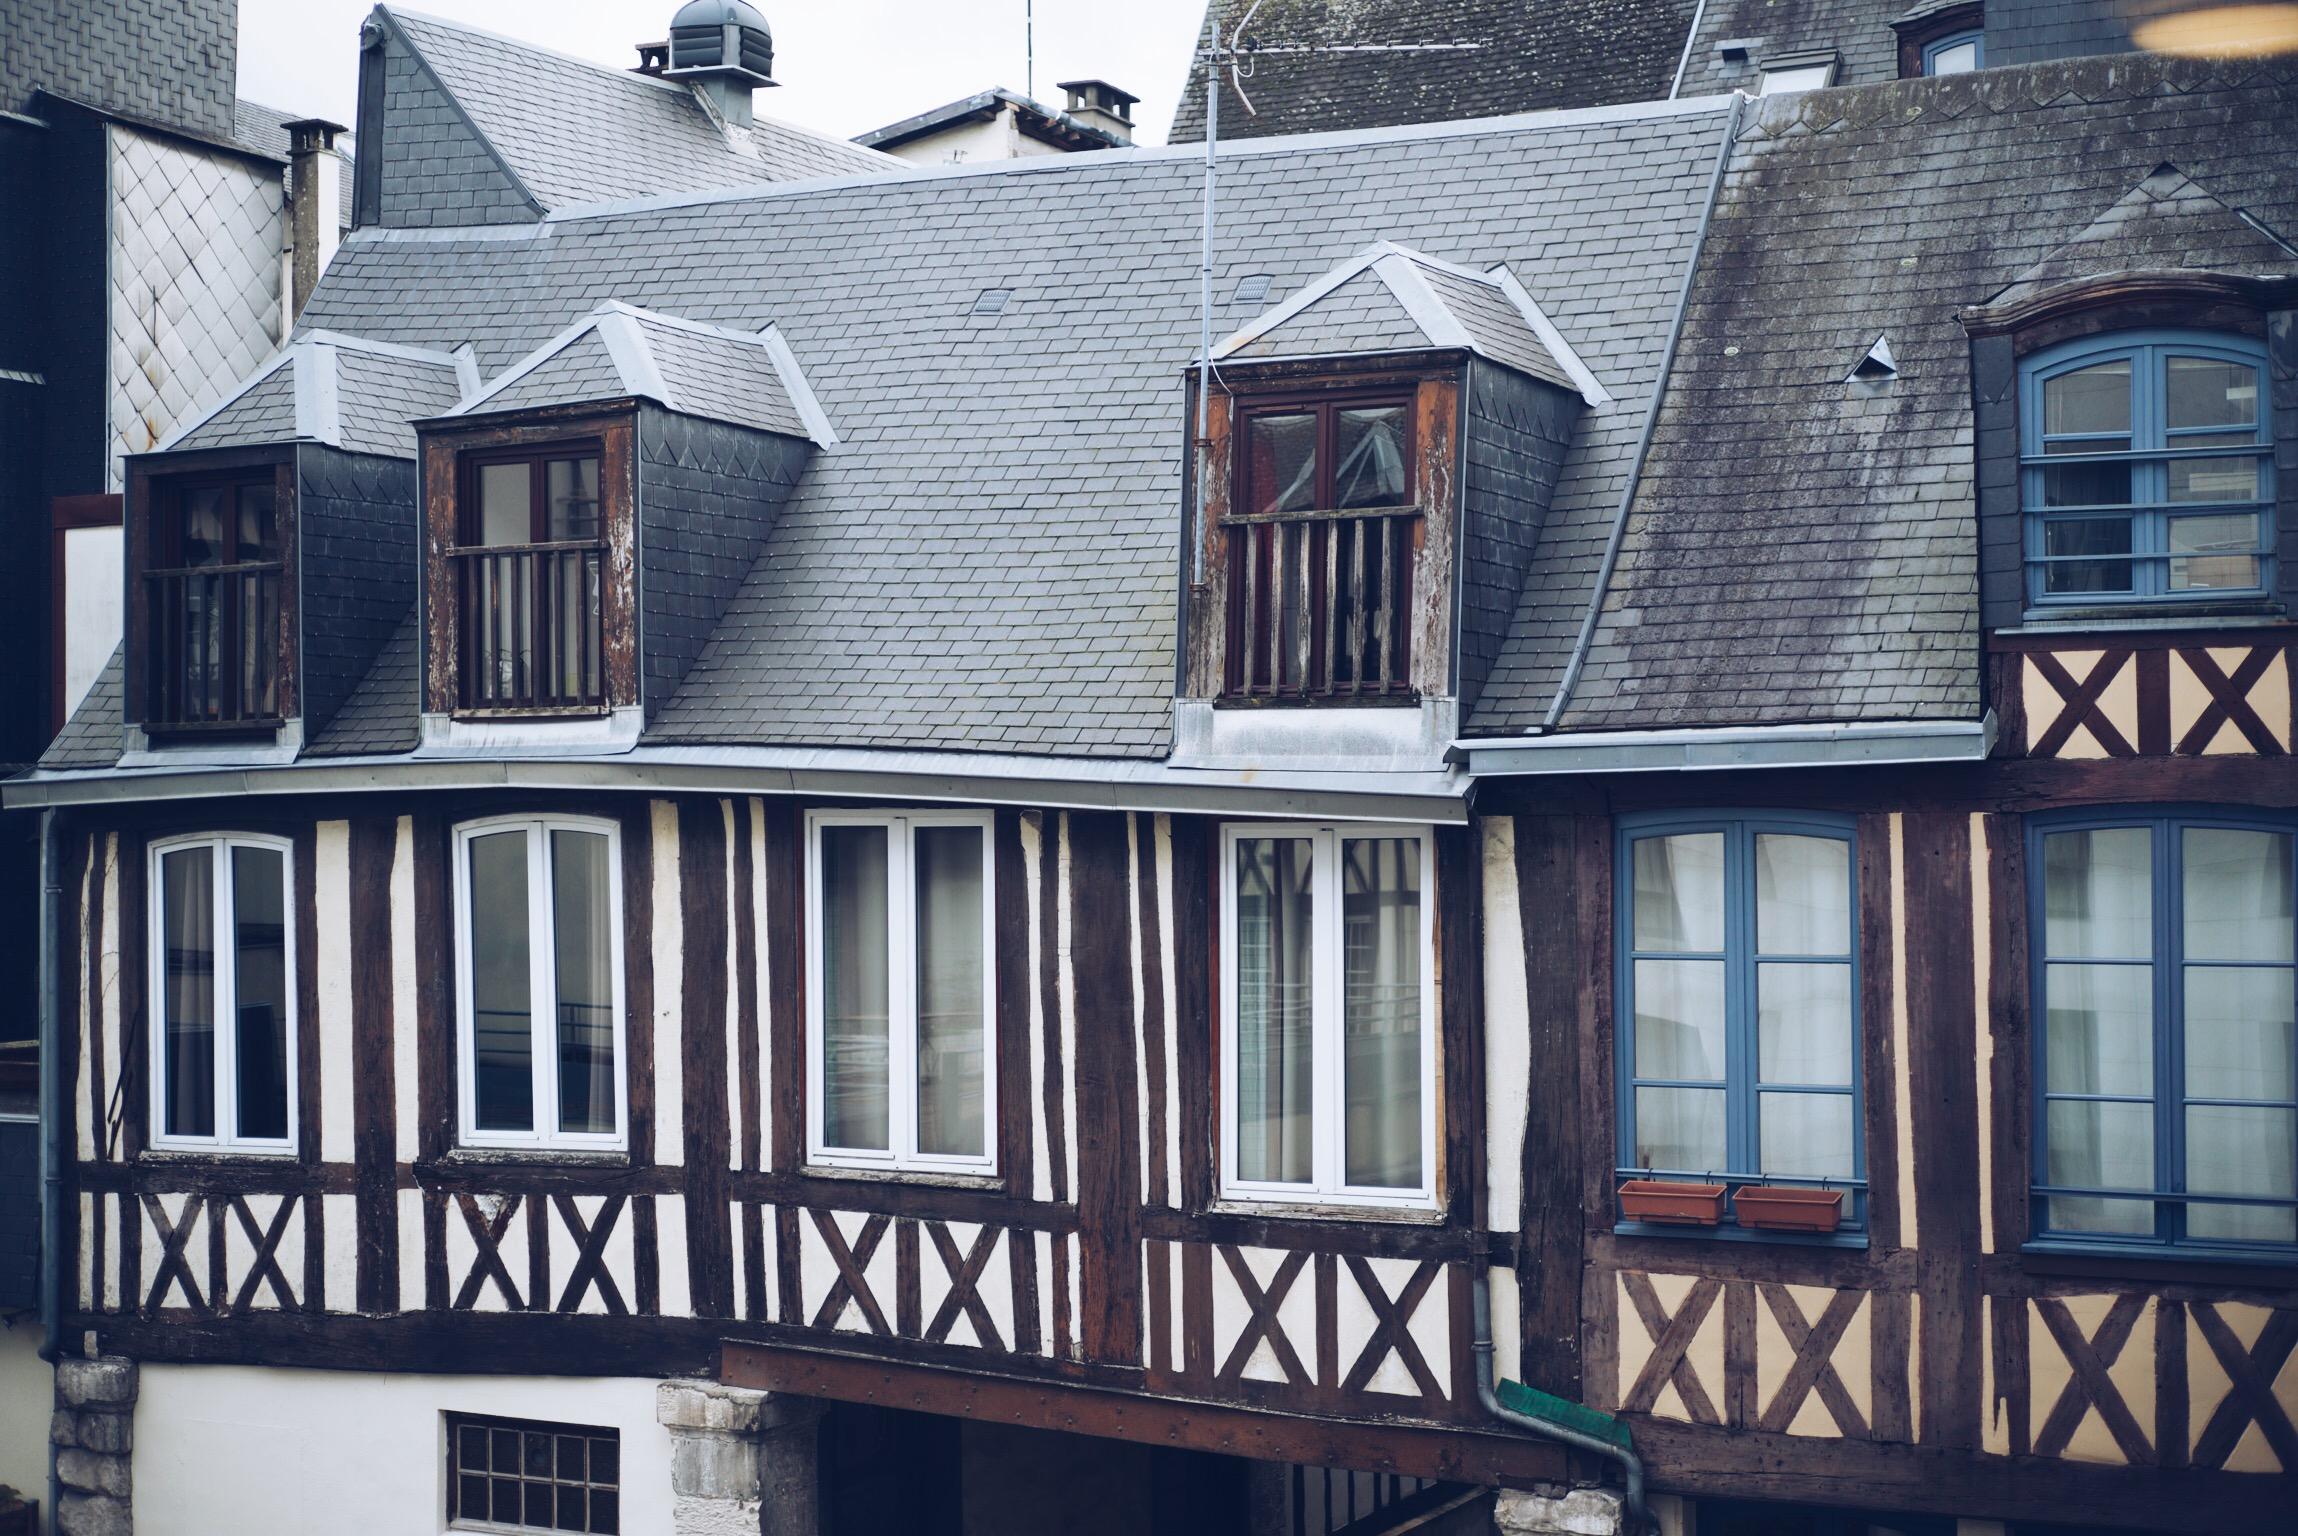 Hotel-lttéraire-Gustave-Flaubert